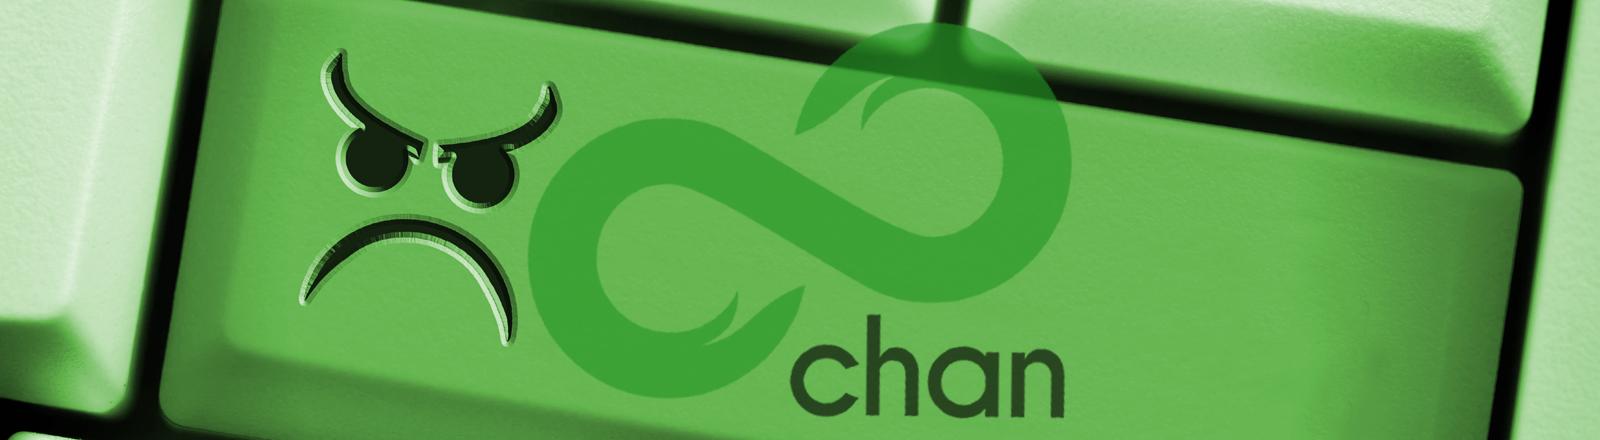 Eine Tastatur mit einem wütenden Smiley drauf und dazu das Logo der Plattform 8chan